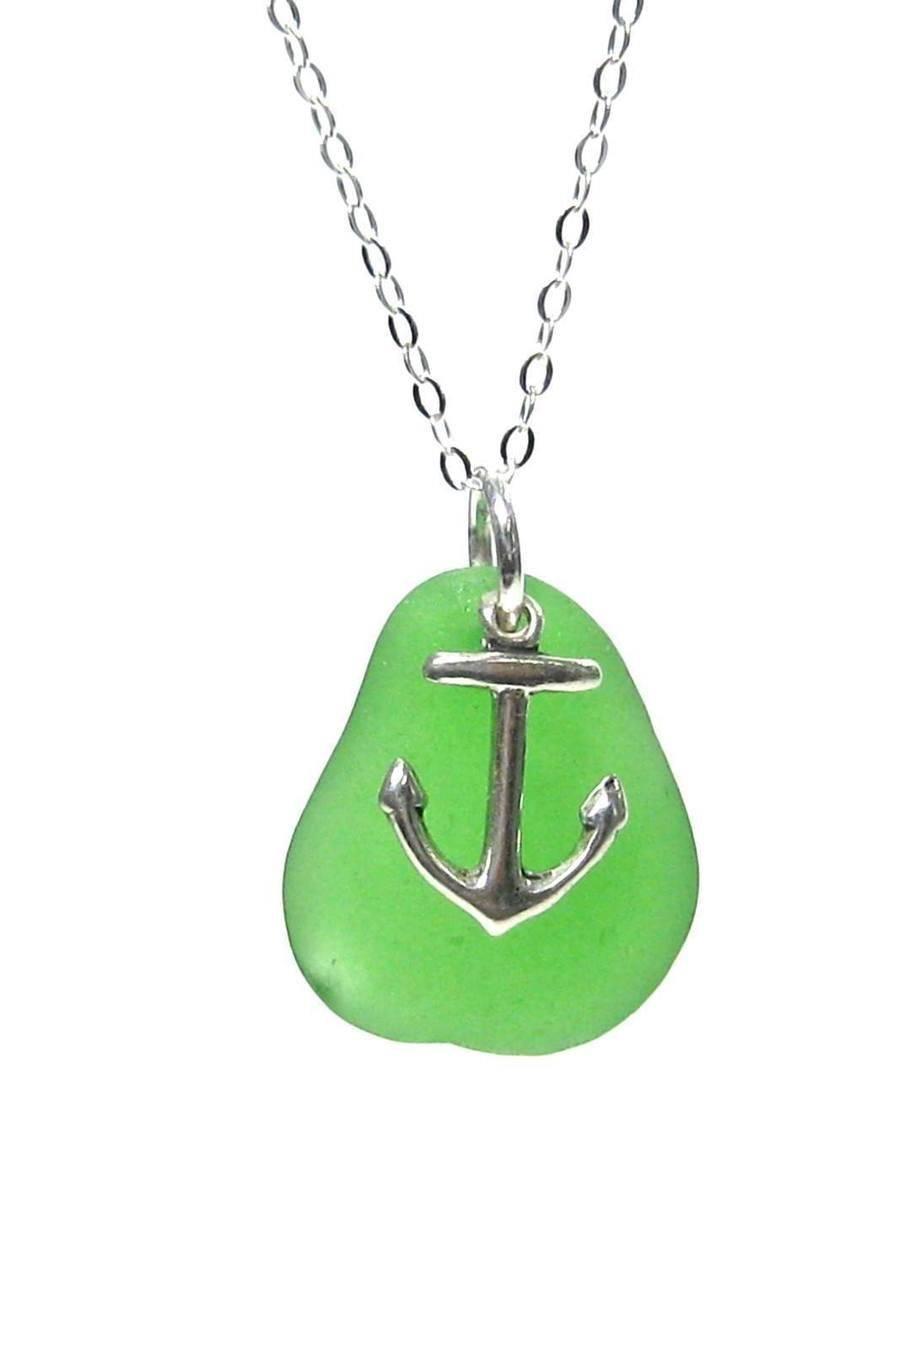 Beach glass jewelry-306033737176732854